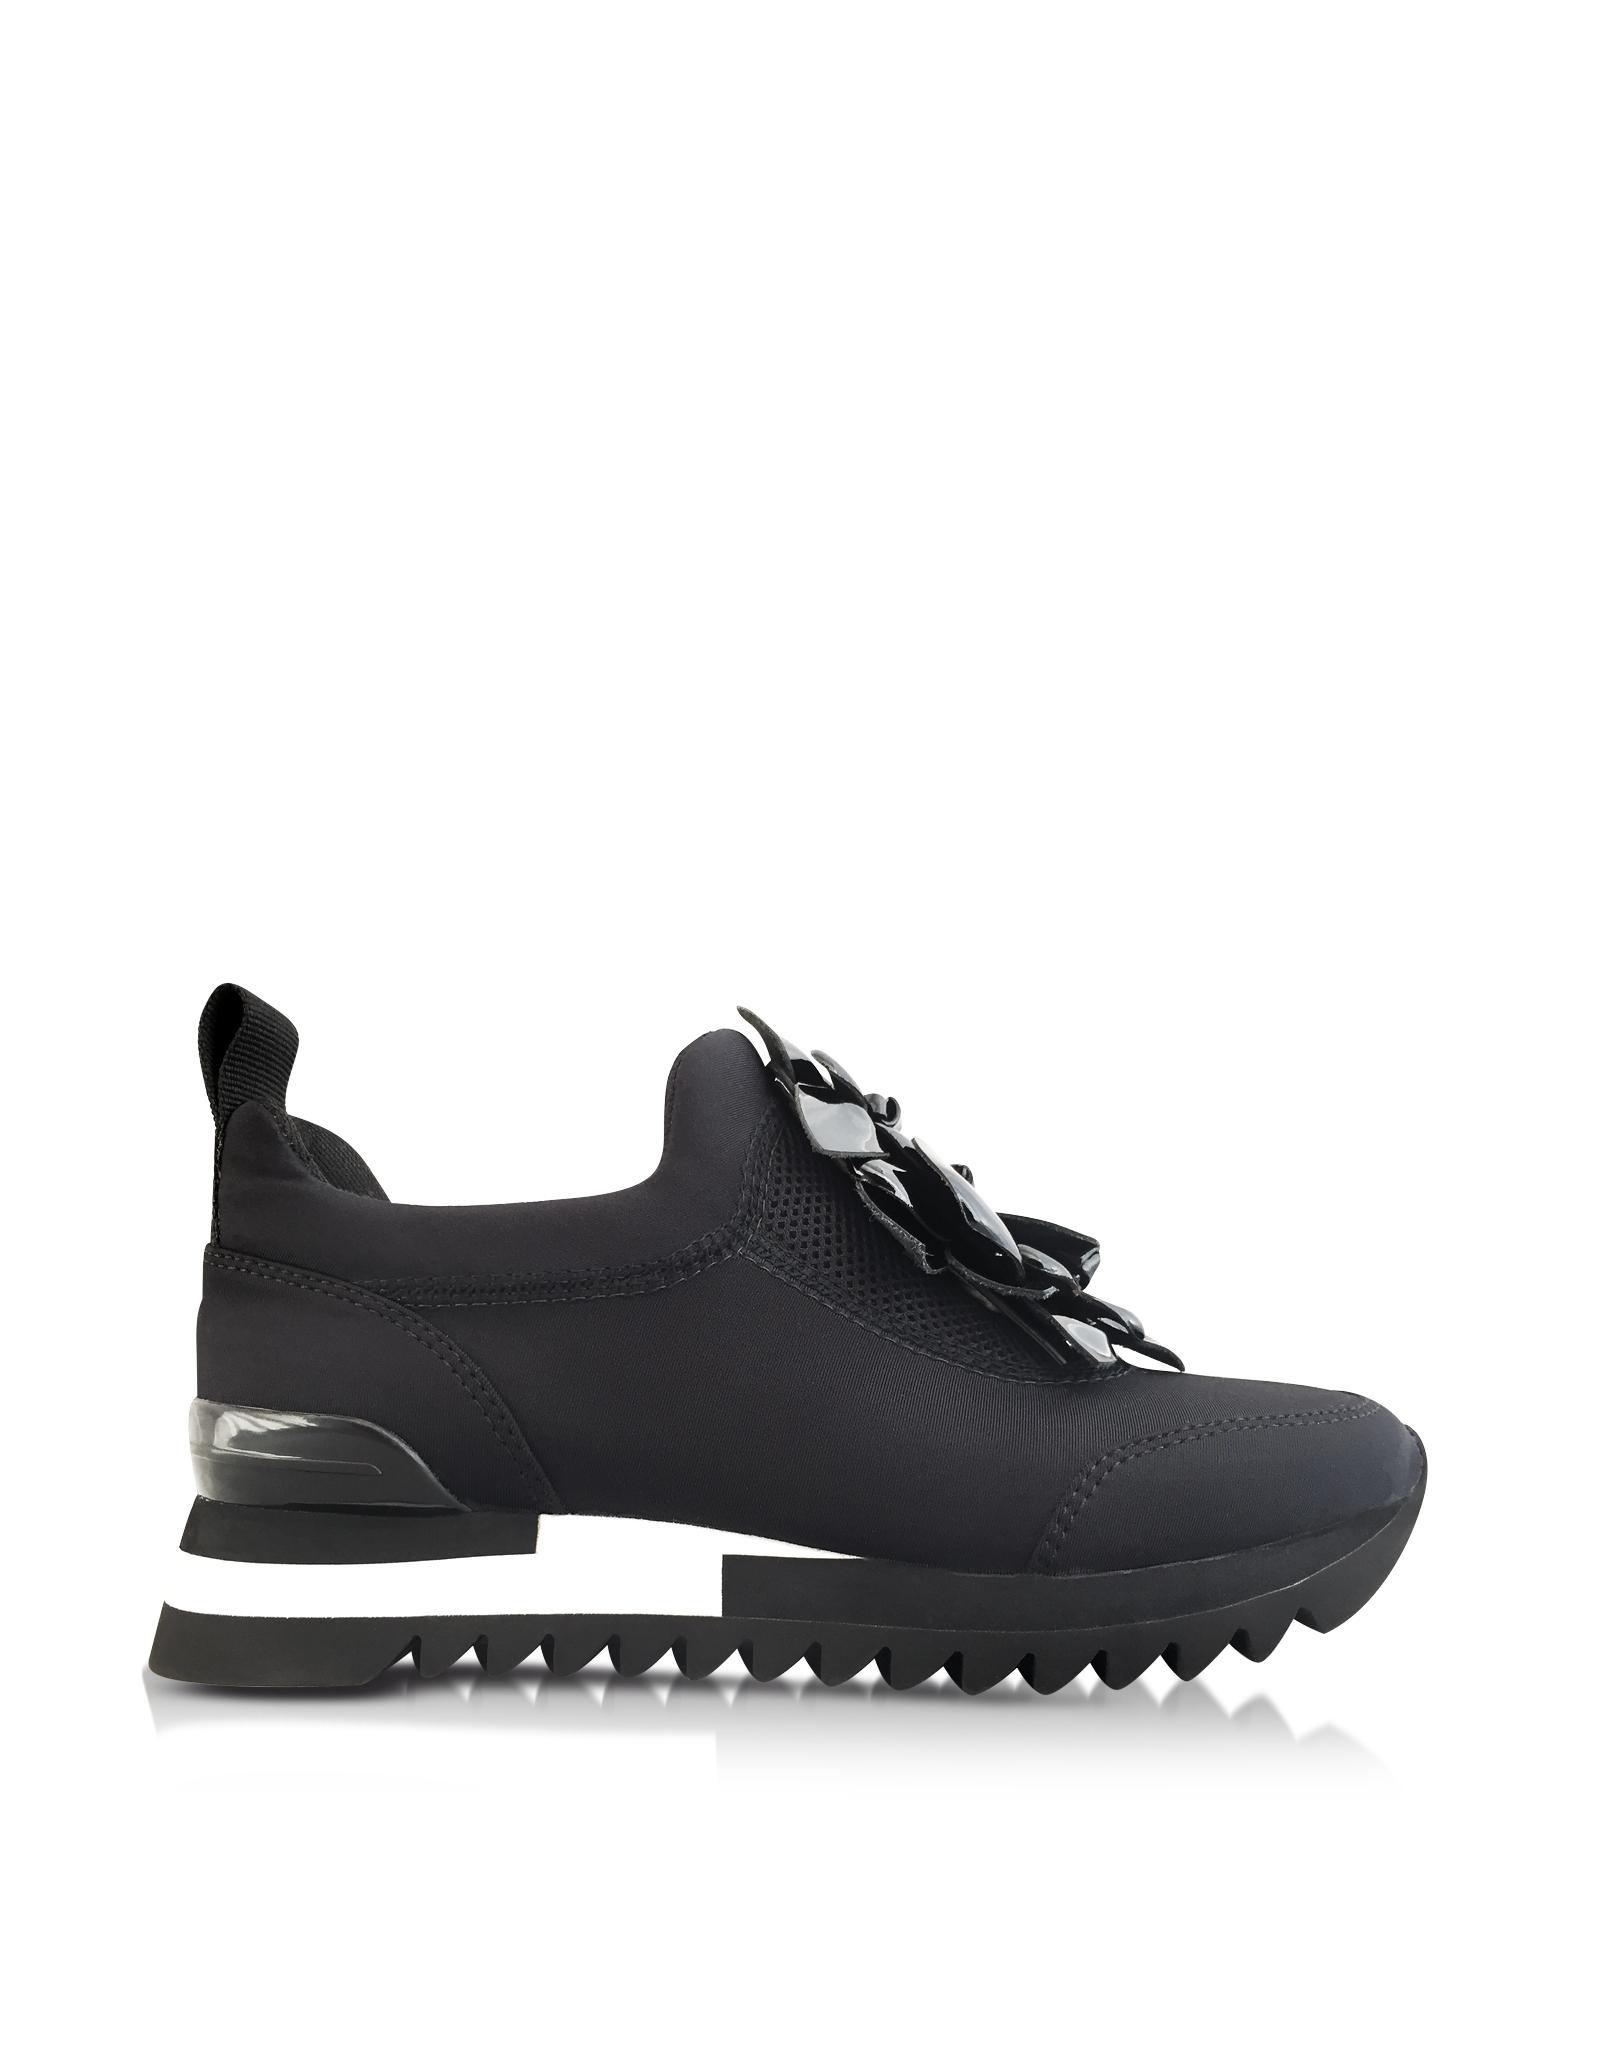 eedc61d00358 Lyst - Tory Burch Blossom Black Neoprene Sneaker in White